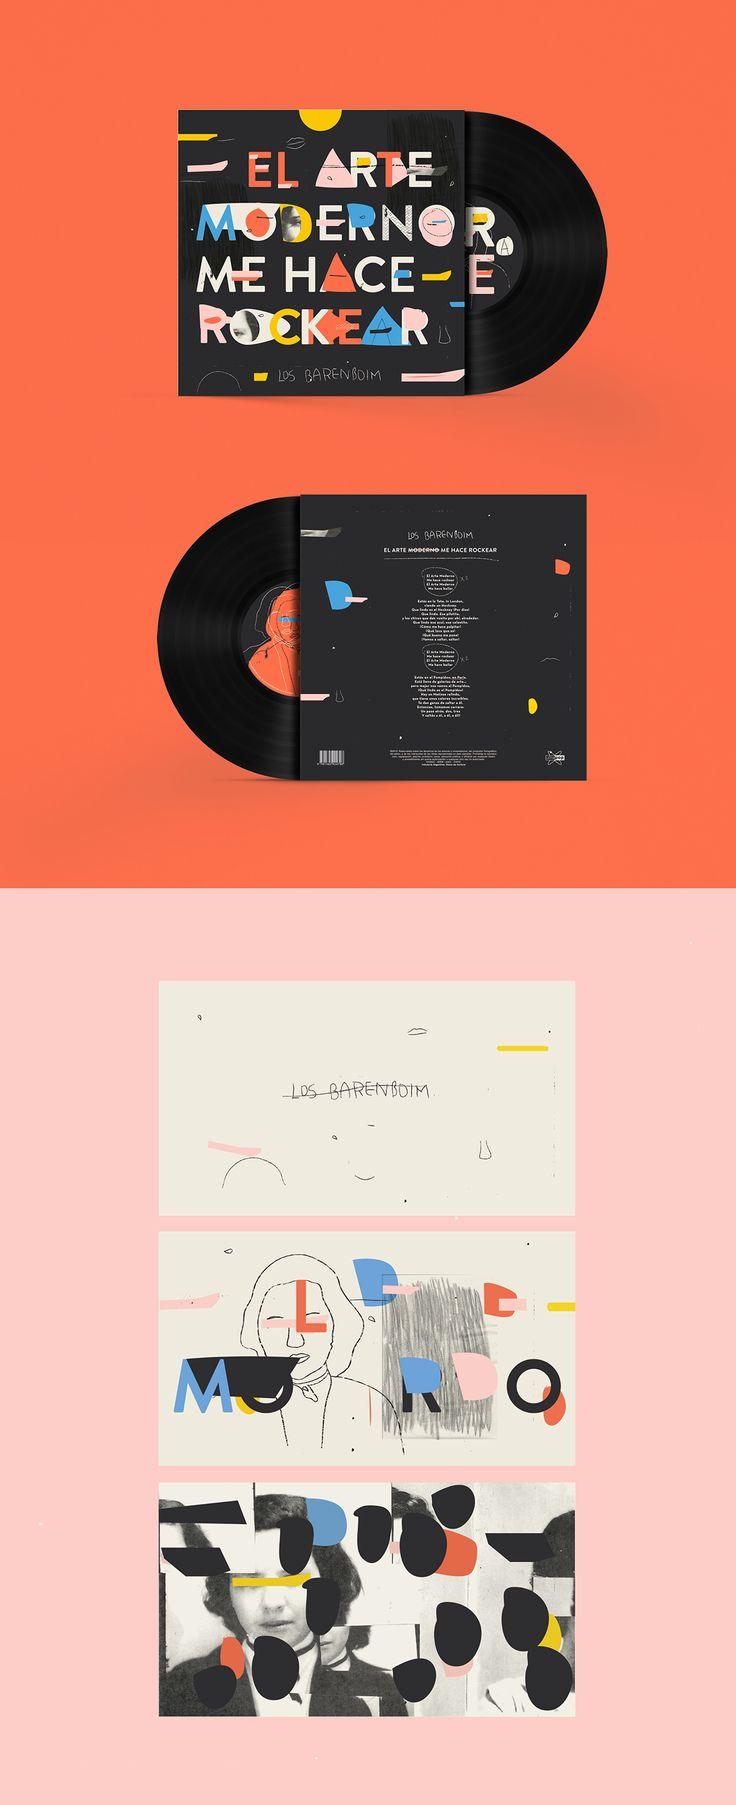 Trabajo realizado para Diseño 3, Cátedra Rico - FADU | UBADiseño de presentación visual de un tema musical en formato loop audiovisual y packaging del disco de vinilo.